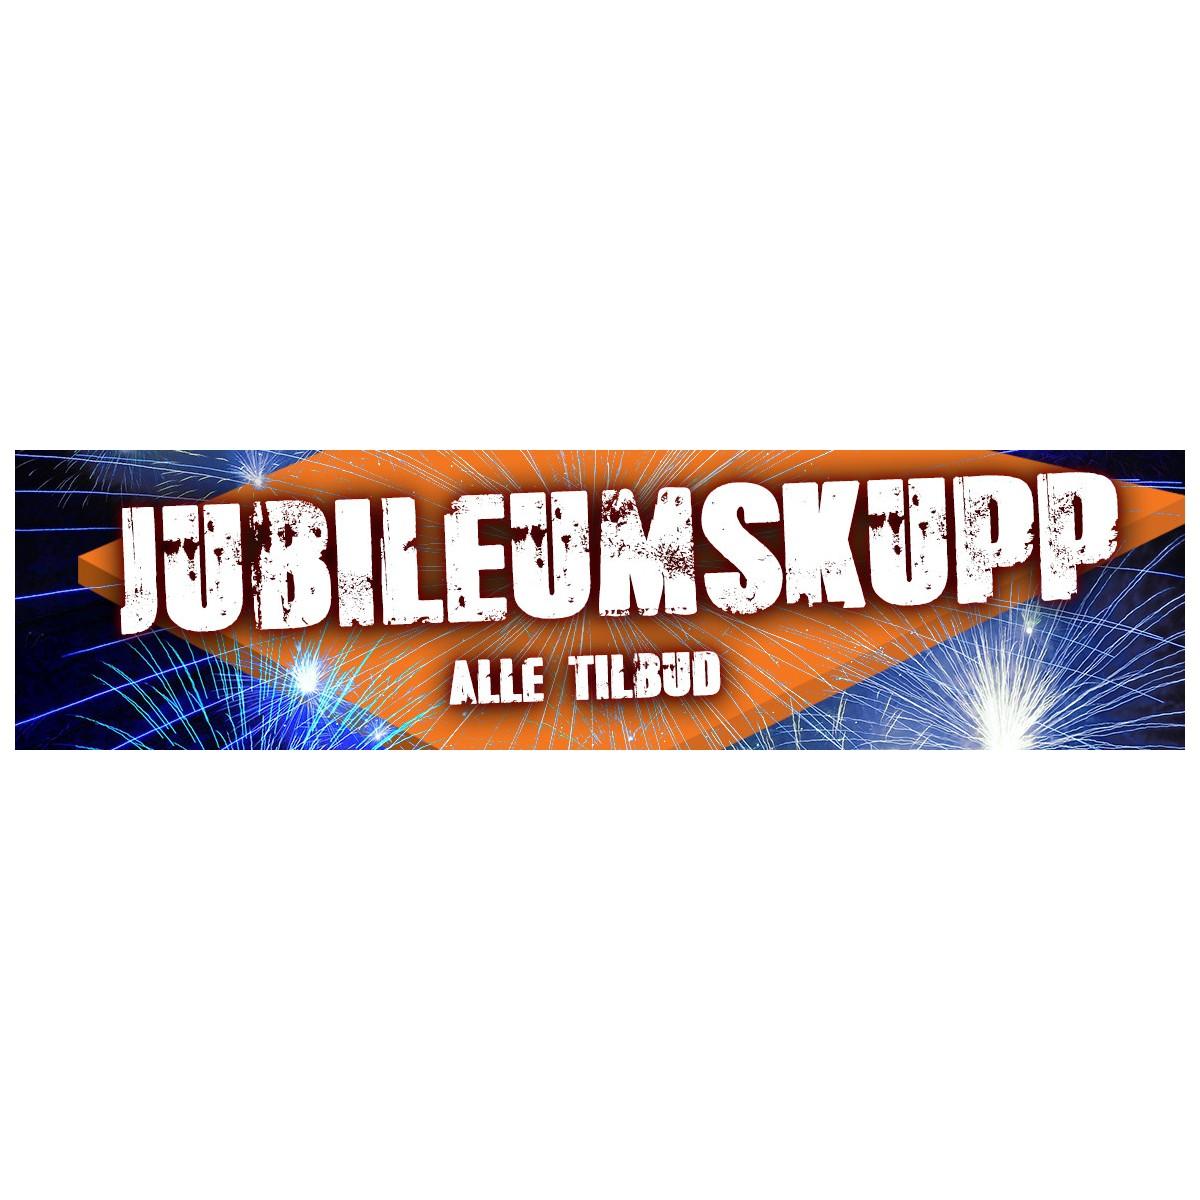 Gulvdeal 10 år - Alle jubileumskupp